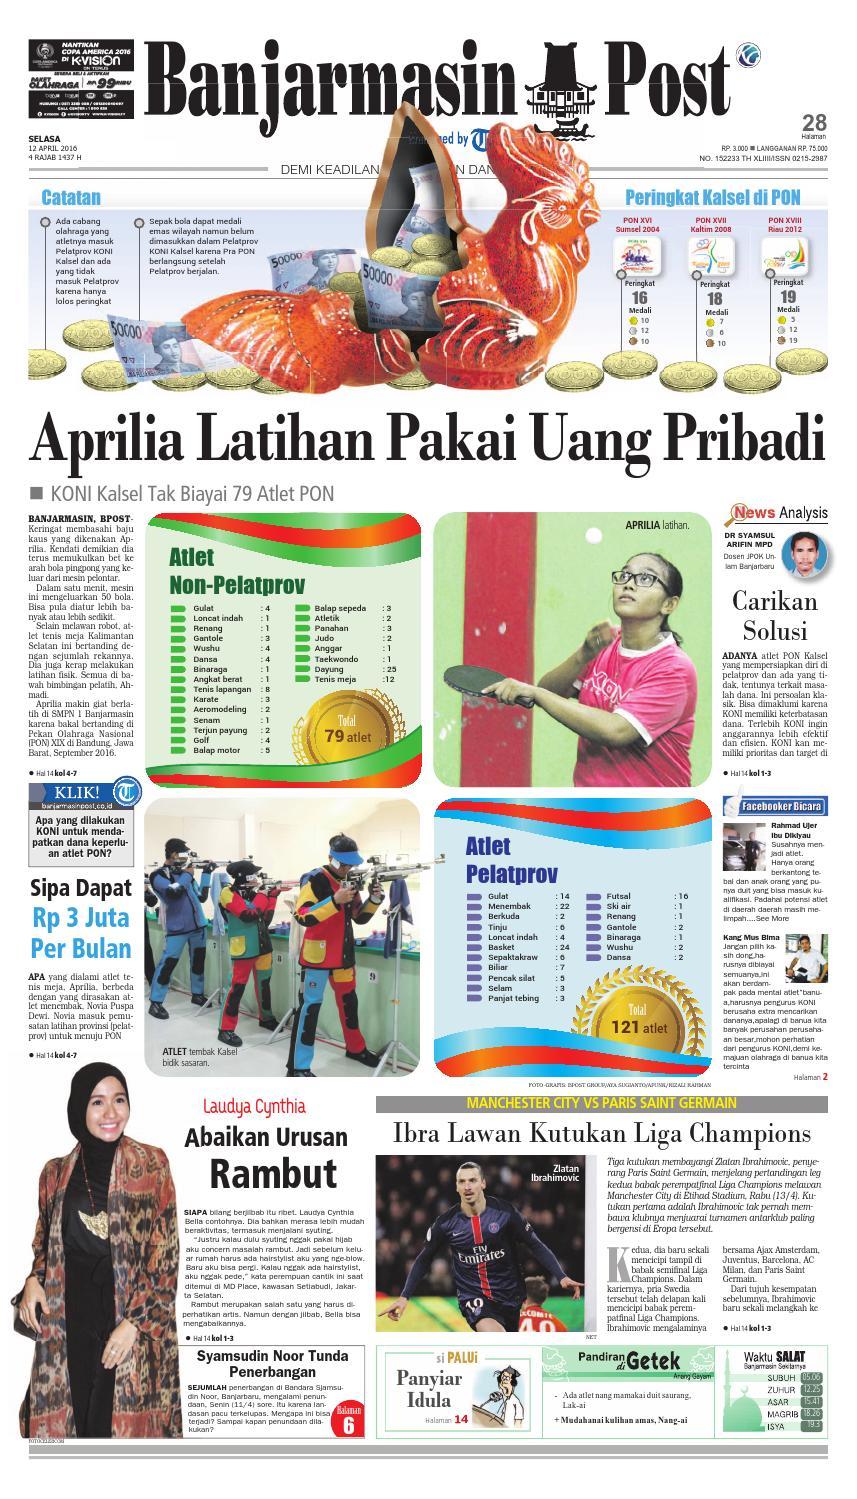 Banjarmasin Post Selasa 12 April 2016 By Issuu Kartu Kemat Listrik